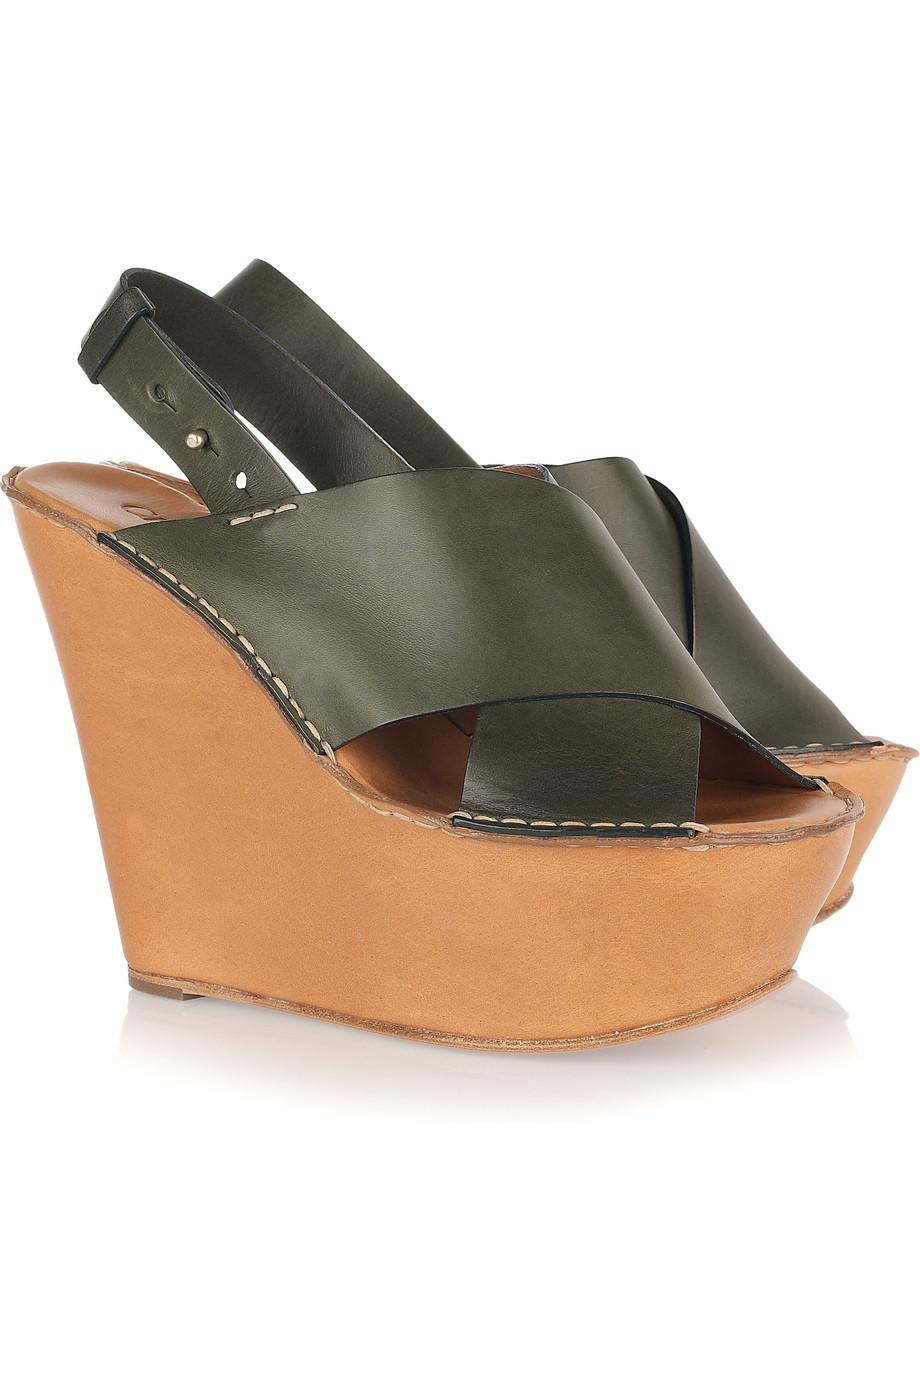 Lyst Green In Chloé Sandals Leather Vn0nwoym8 Wedge LGqSzpUMV